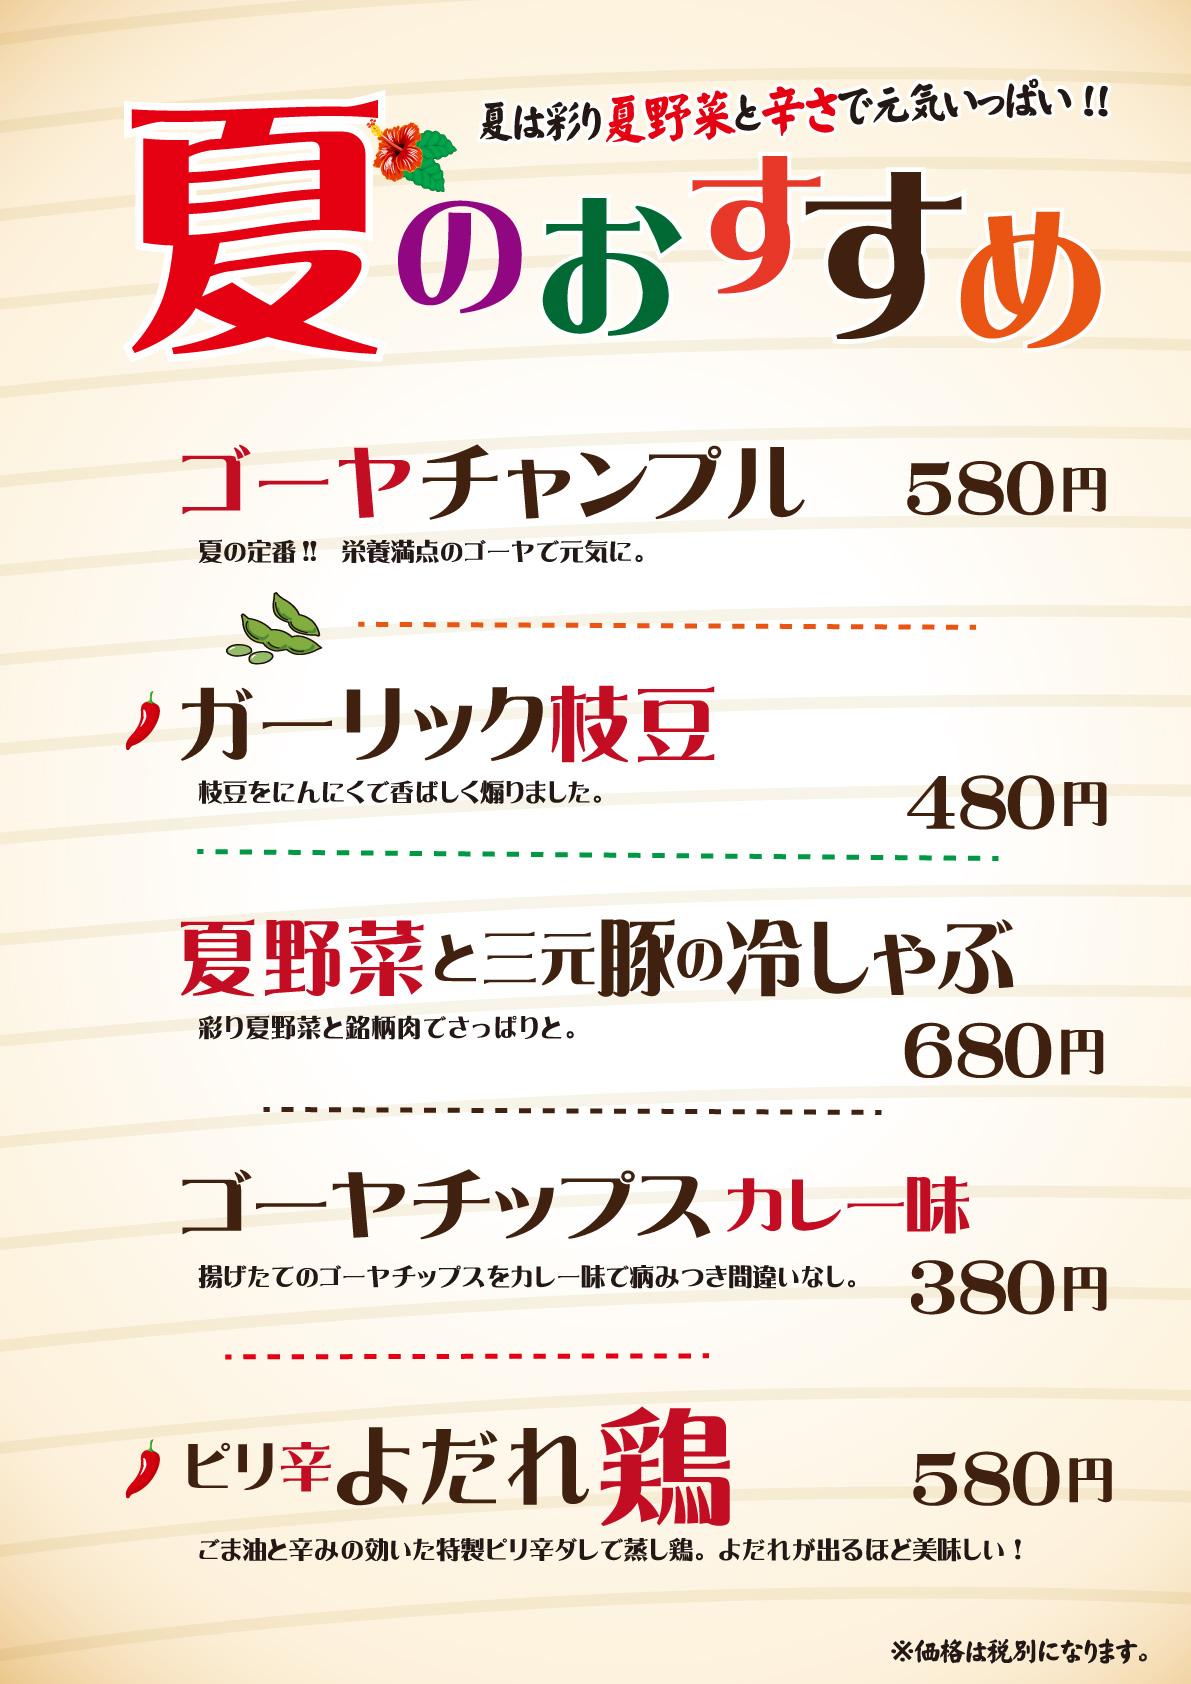 6月5日より、季節メニューがスタート!!